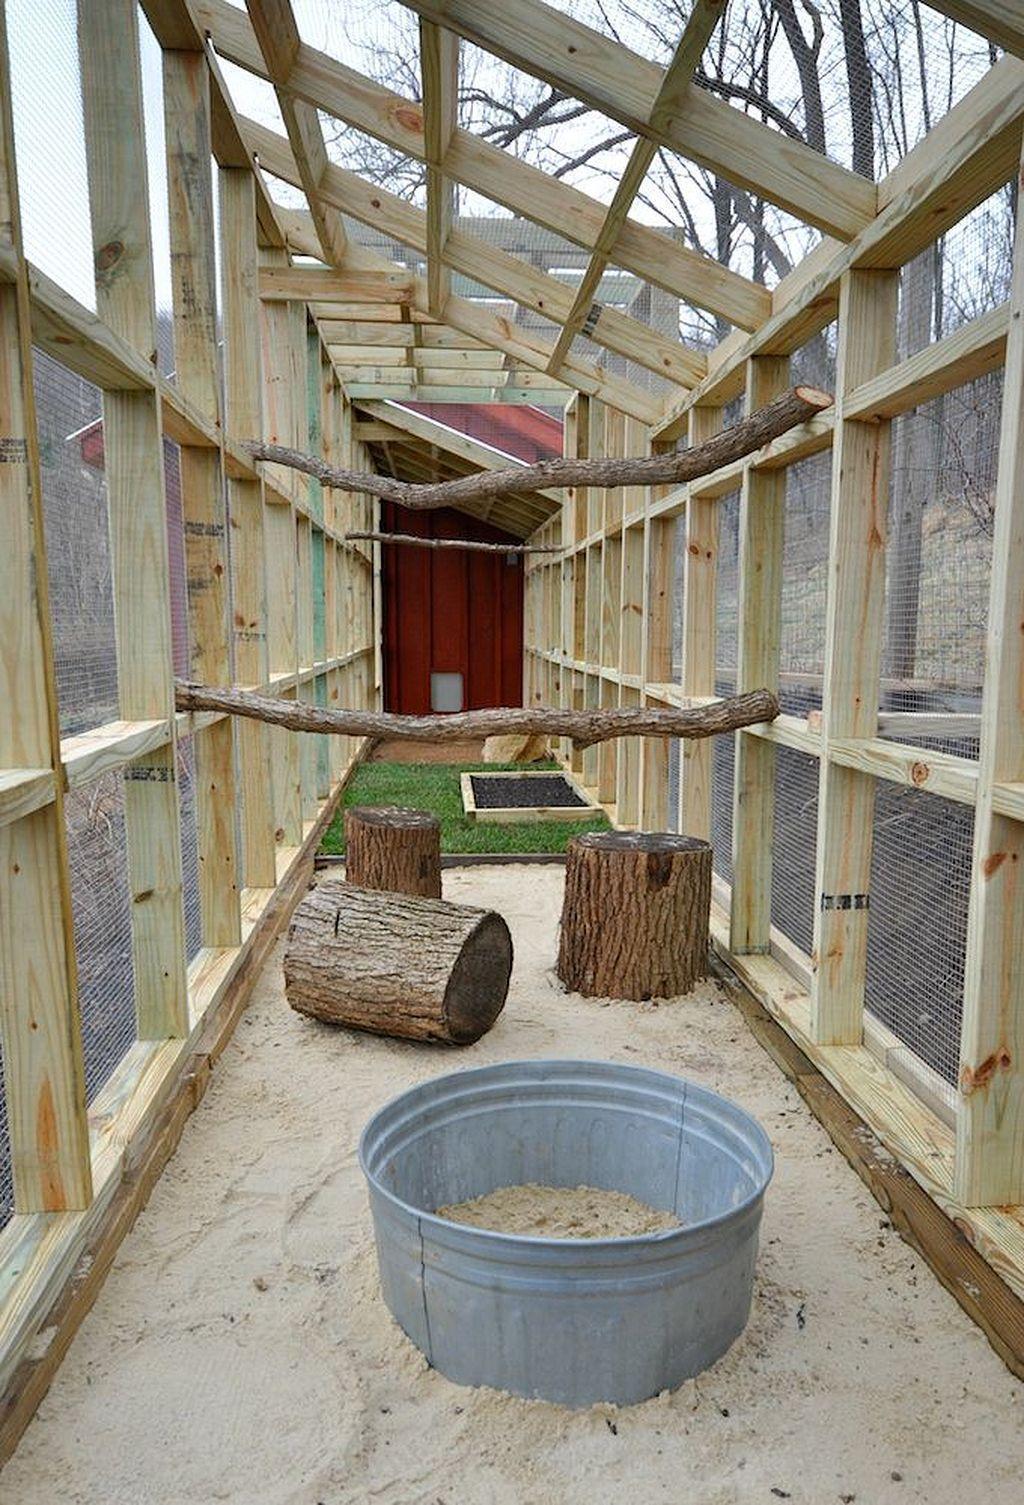 walk in chicken coop 9 #diychickencoopplans | chickens: if we're